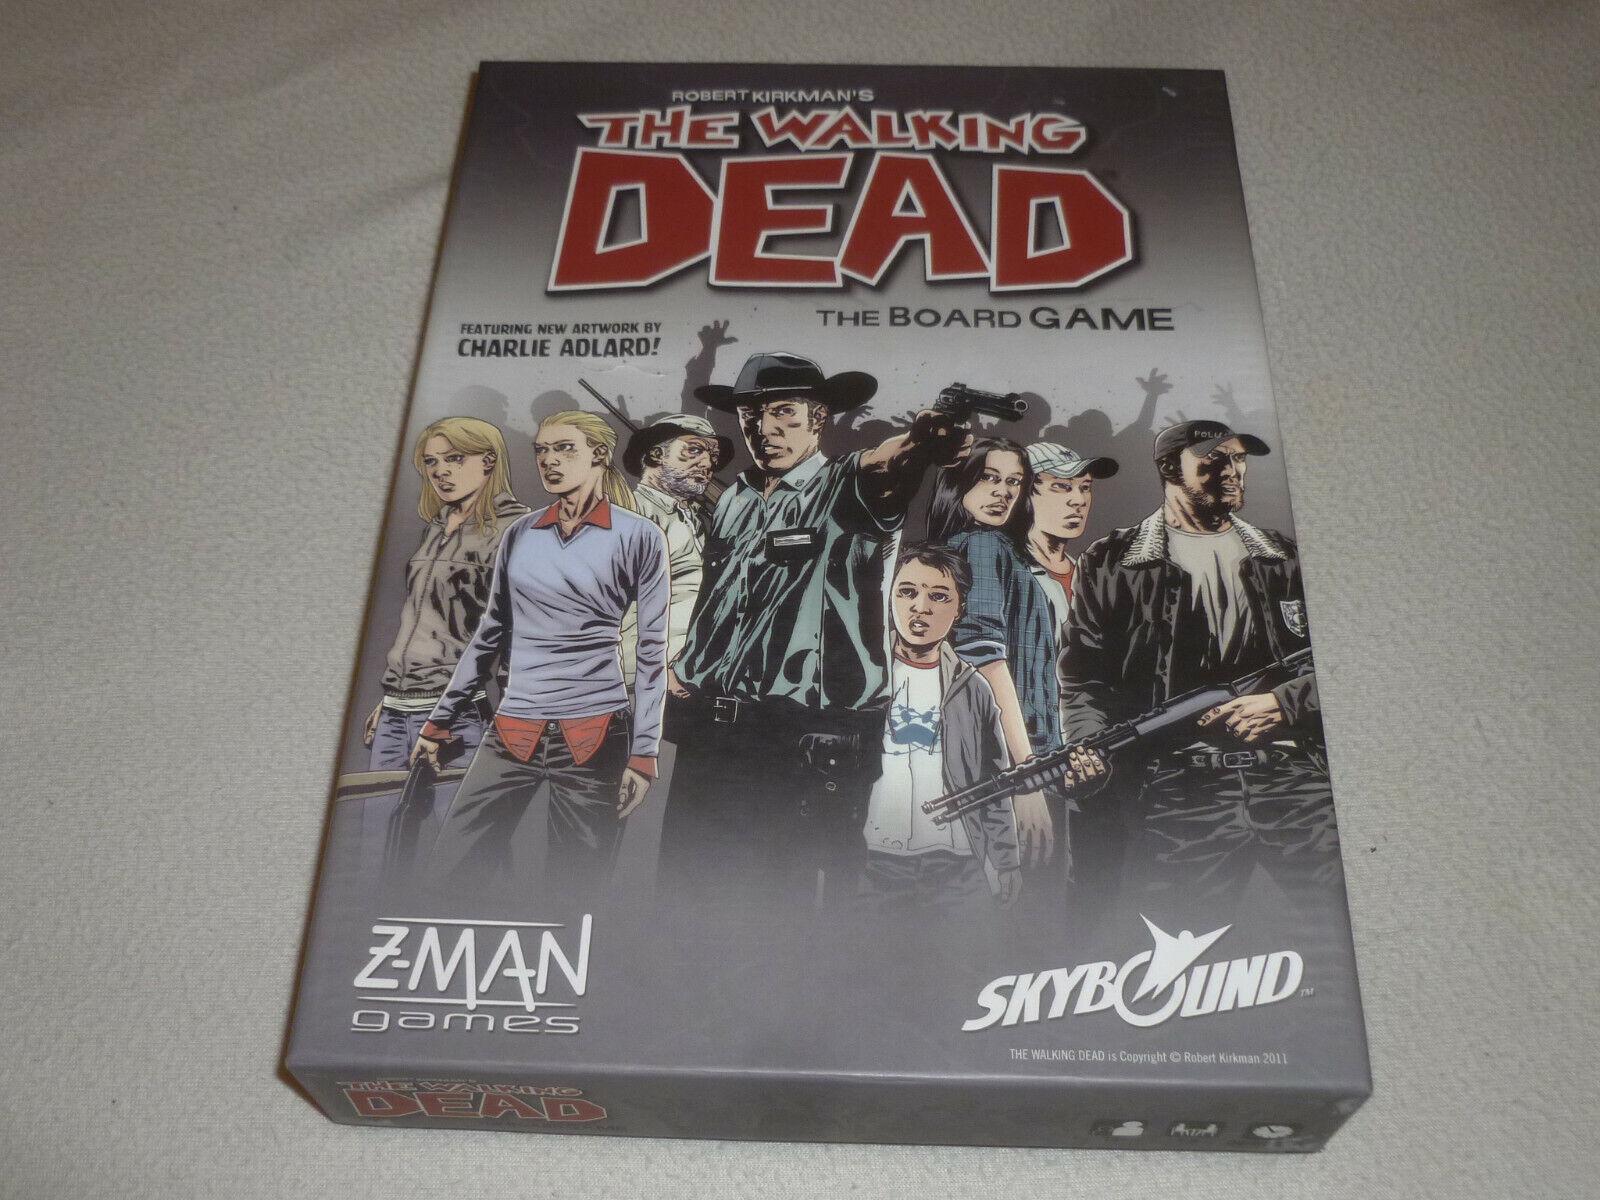 ordene ahora los precios más bajos En Caja Robert Robert Robert kirkmans The Walking Dead El Juego de Tablero zman Juegos Skybound  venta de ofertas